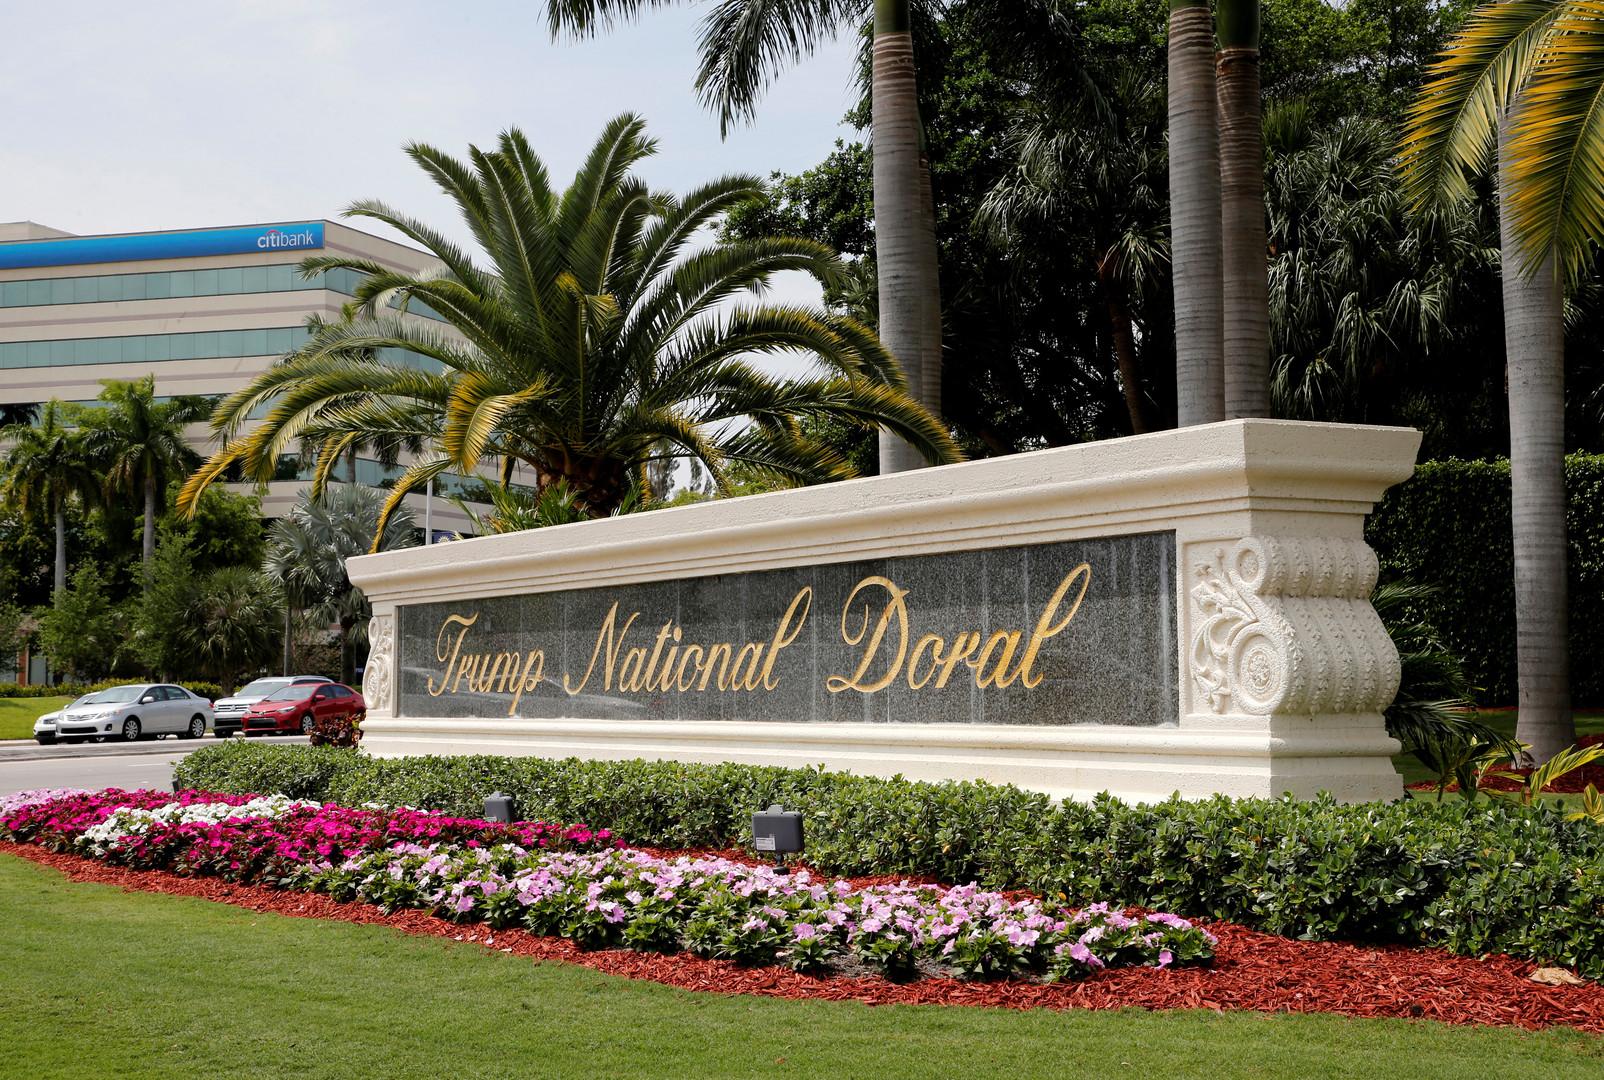 منتجع Doral التابع لدونالد ترامب في ميامي (ولاية فلوريدا)